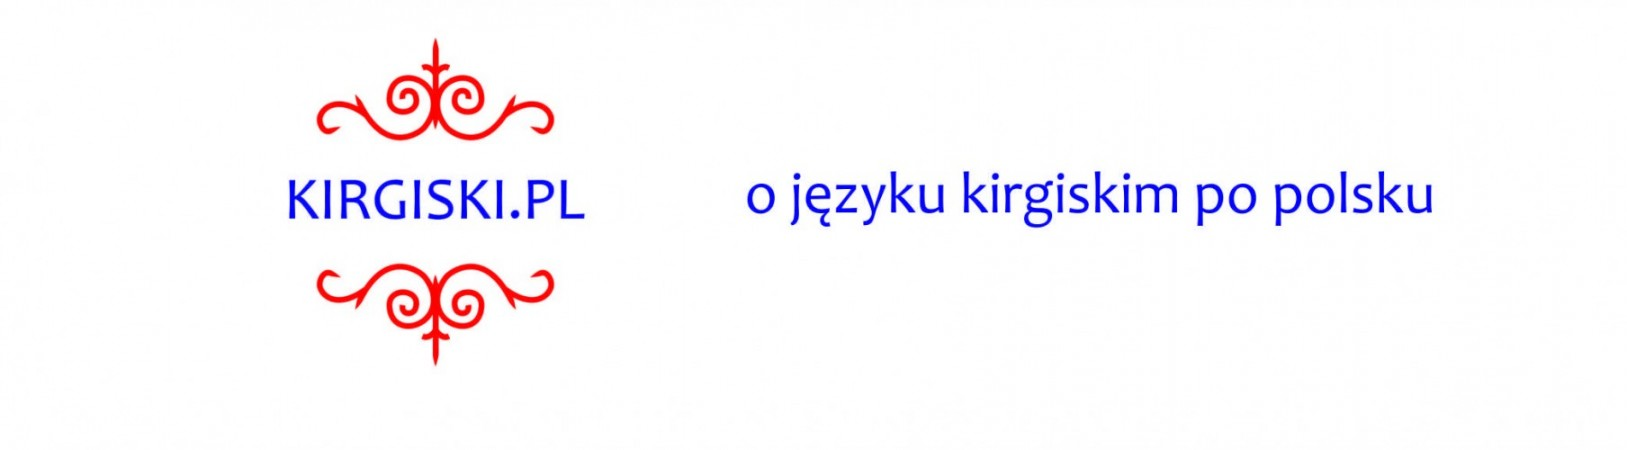 O języku kirgiskim